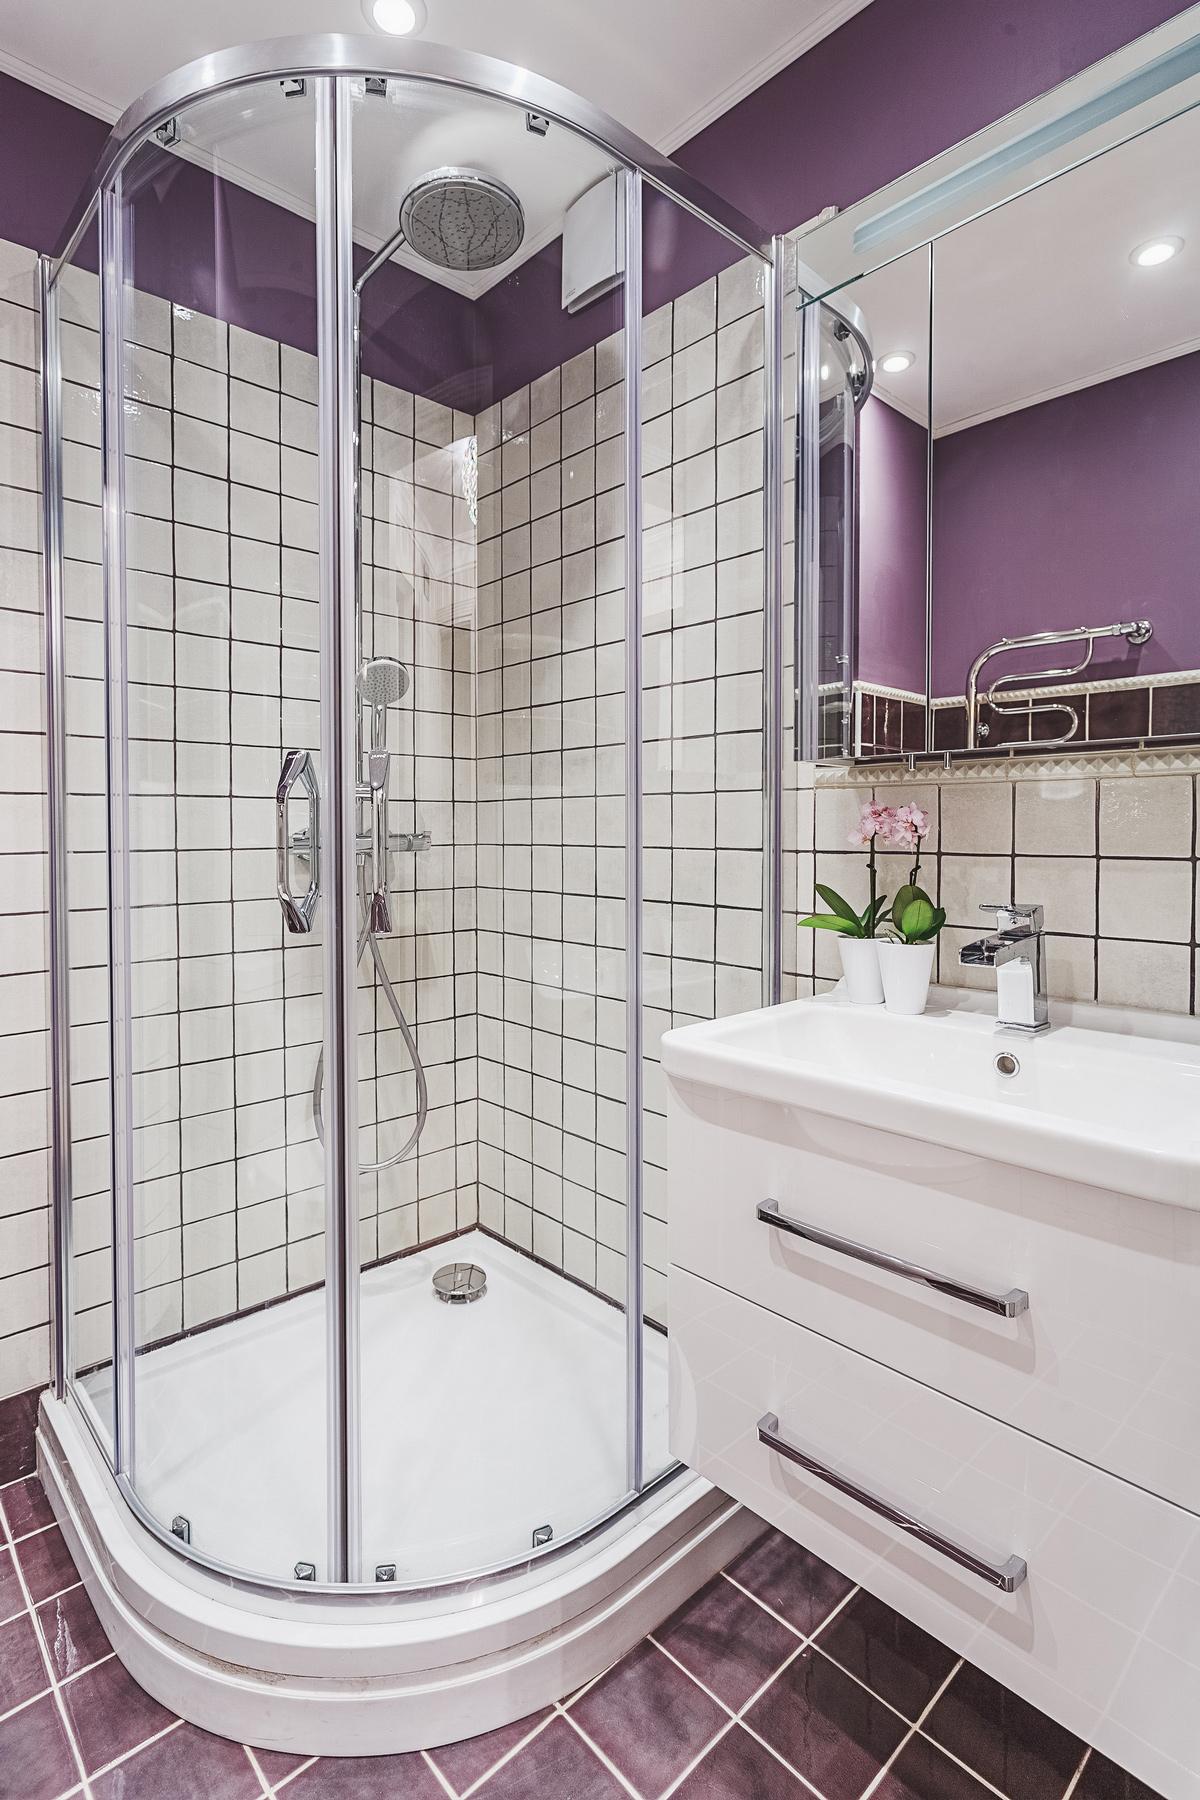 Идея для маленькой ванной комнаты - угловая душевая кабина